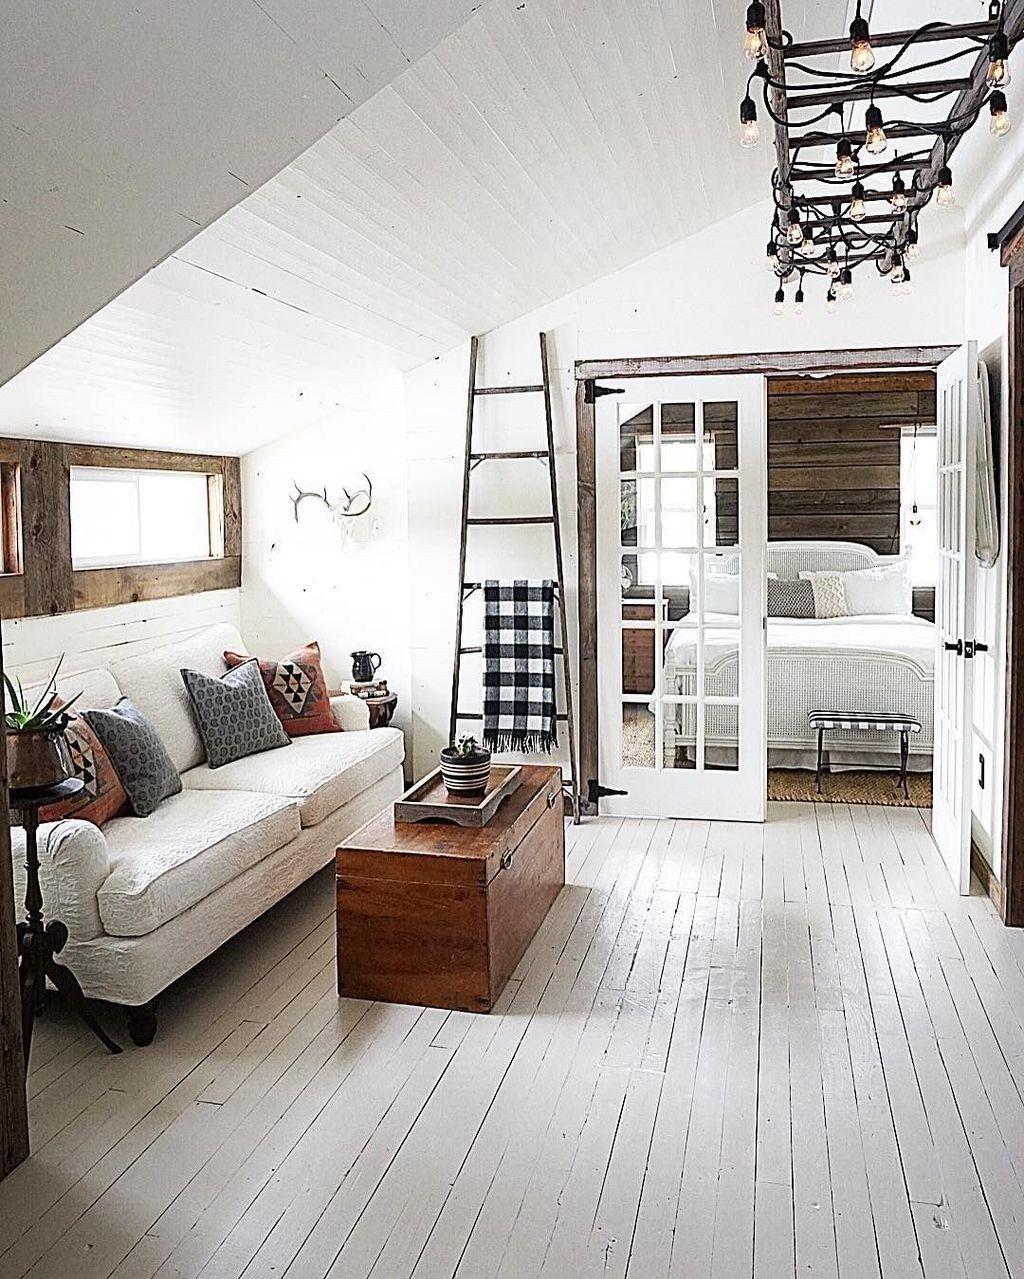 Jeux De Décoration De Salle De Bain 40+ cool attic design ideas that looks cool | deco, maison